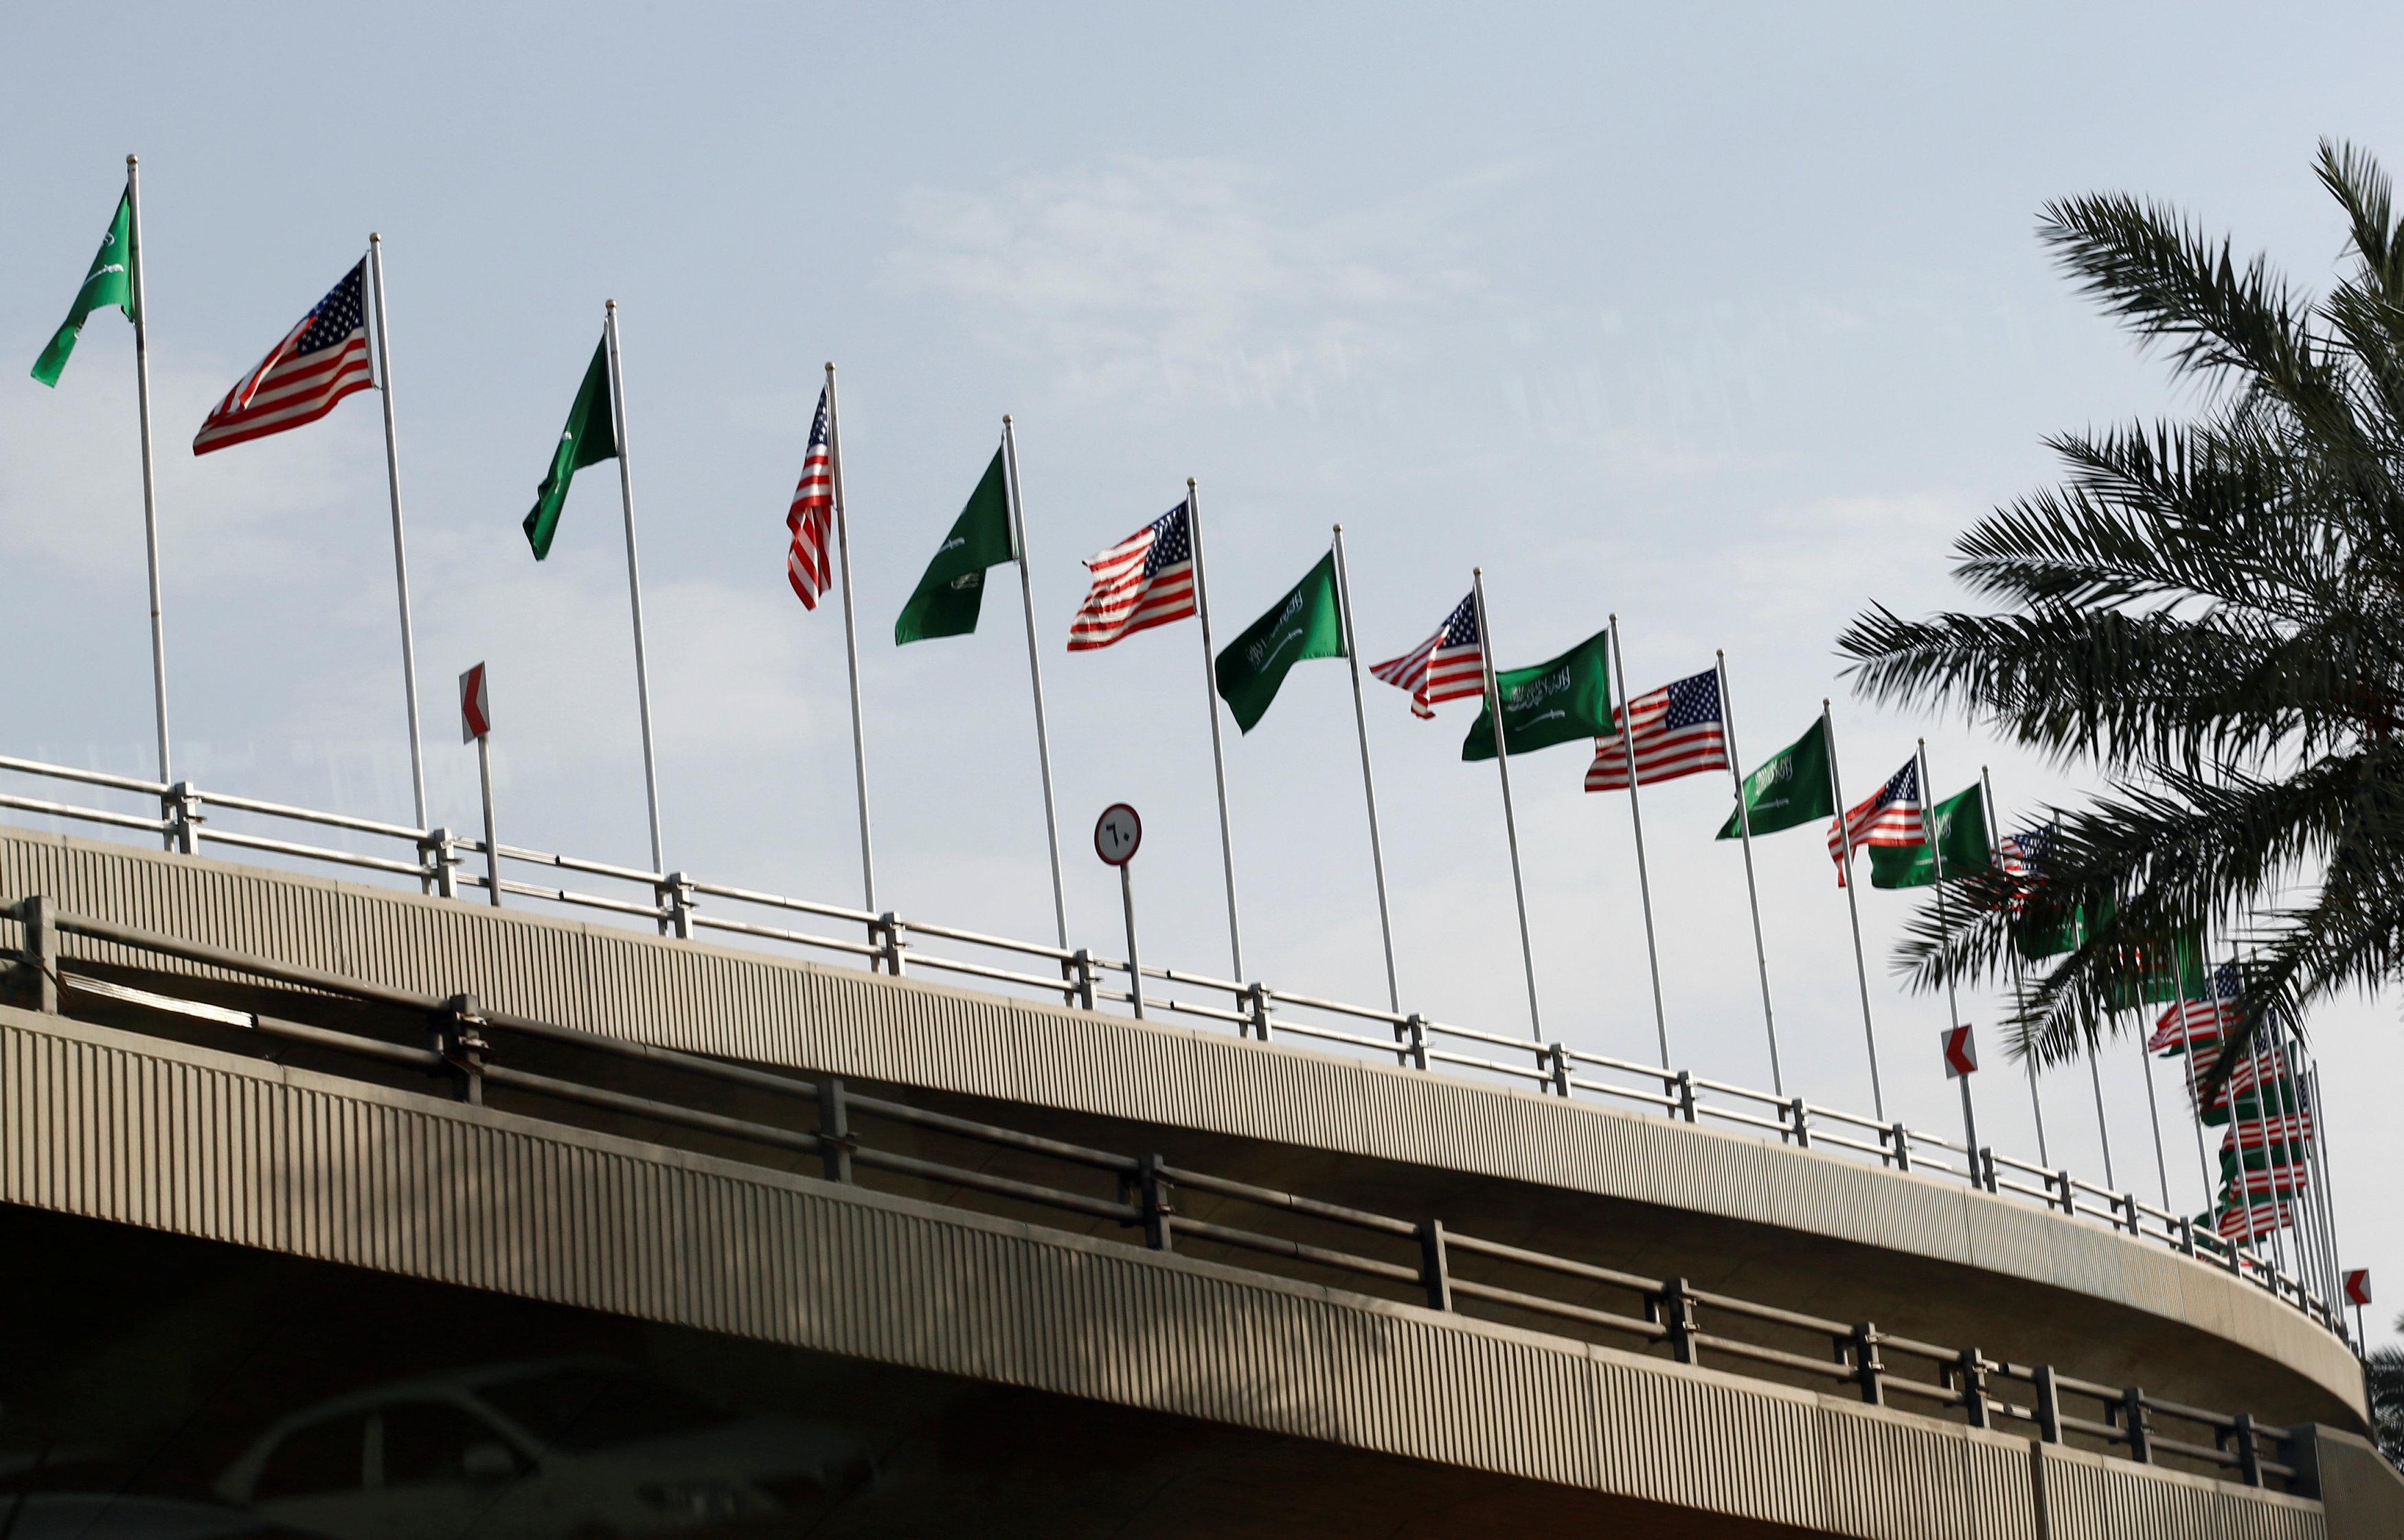 الأعلام السعودية الأمريكية على طريق مكة